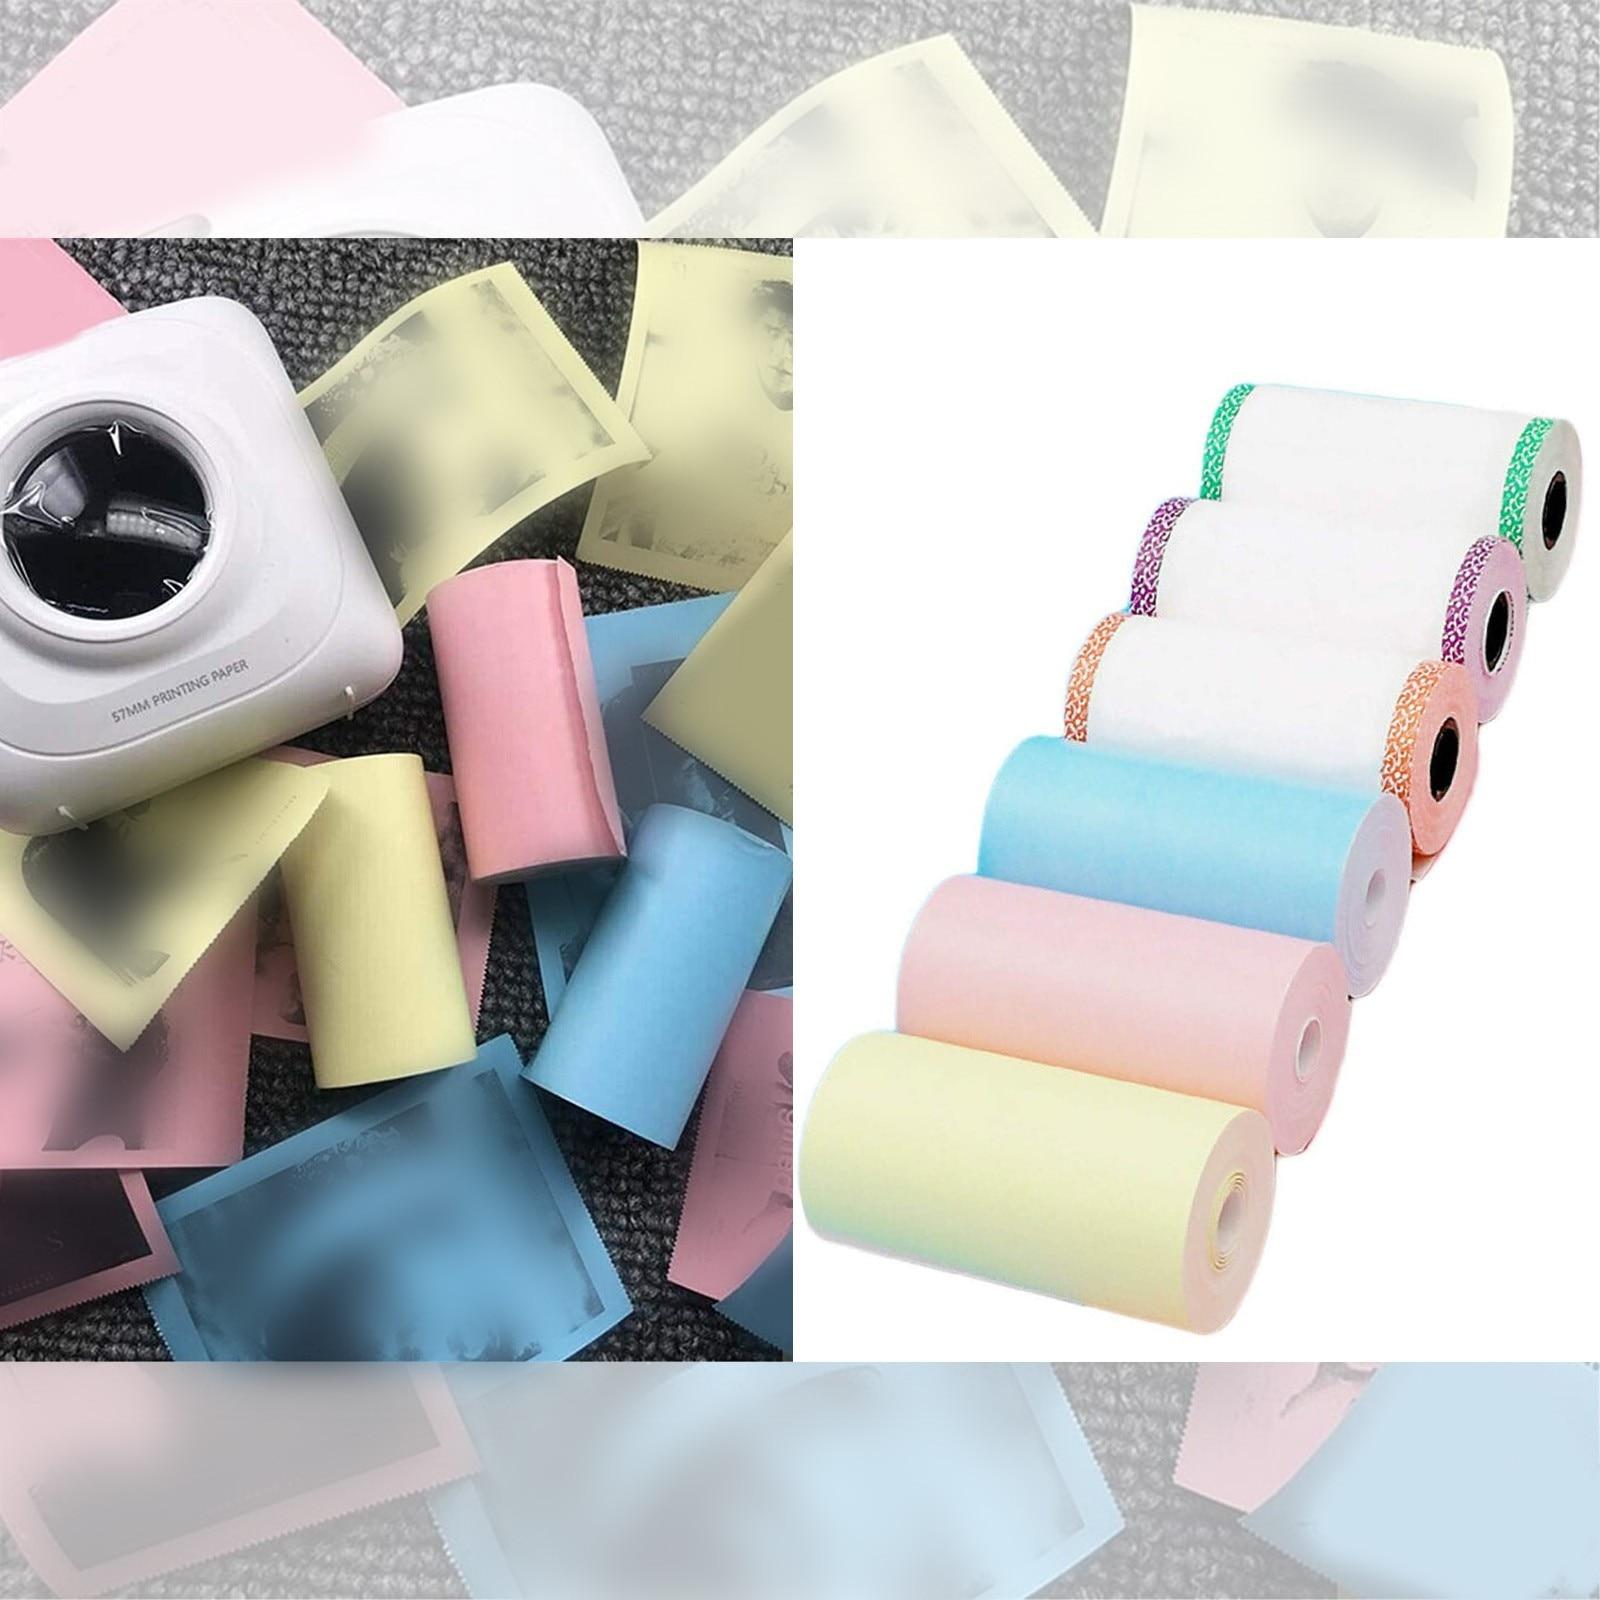 Bluetooth Контролируемая термобумага для принтера маленькая и портативная фотобумага 57 мм x 30 мм мобильный мини фотоинструмент